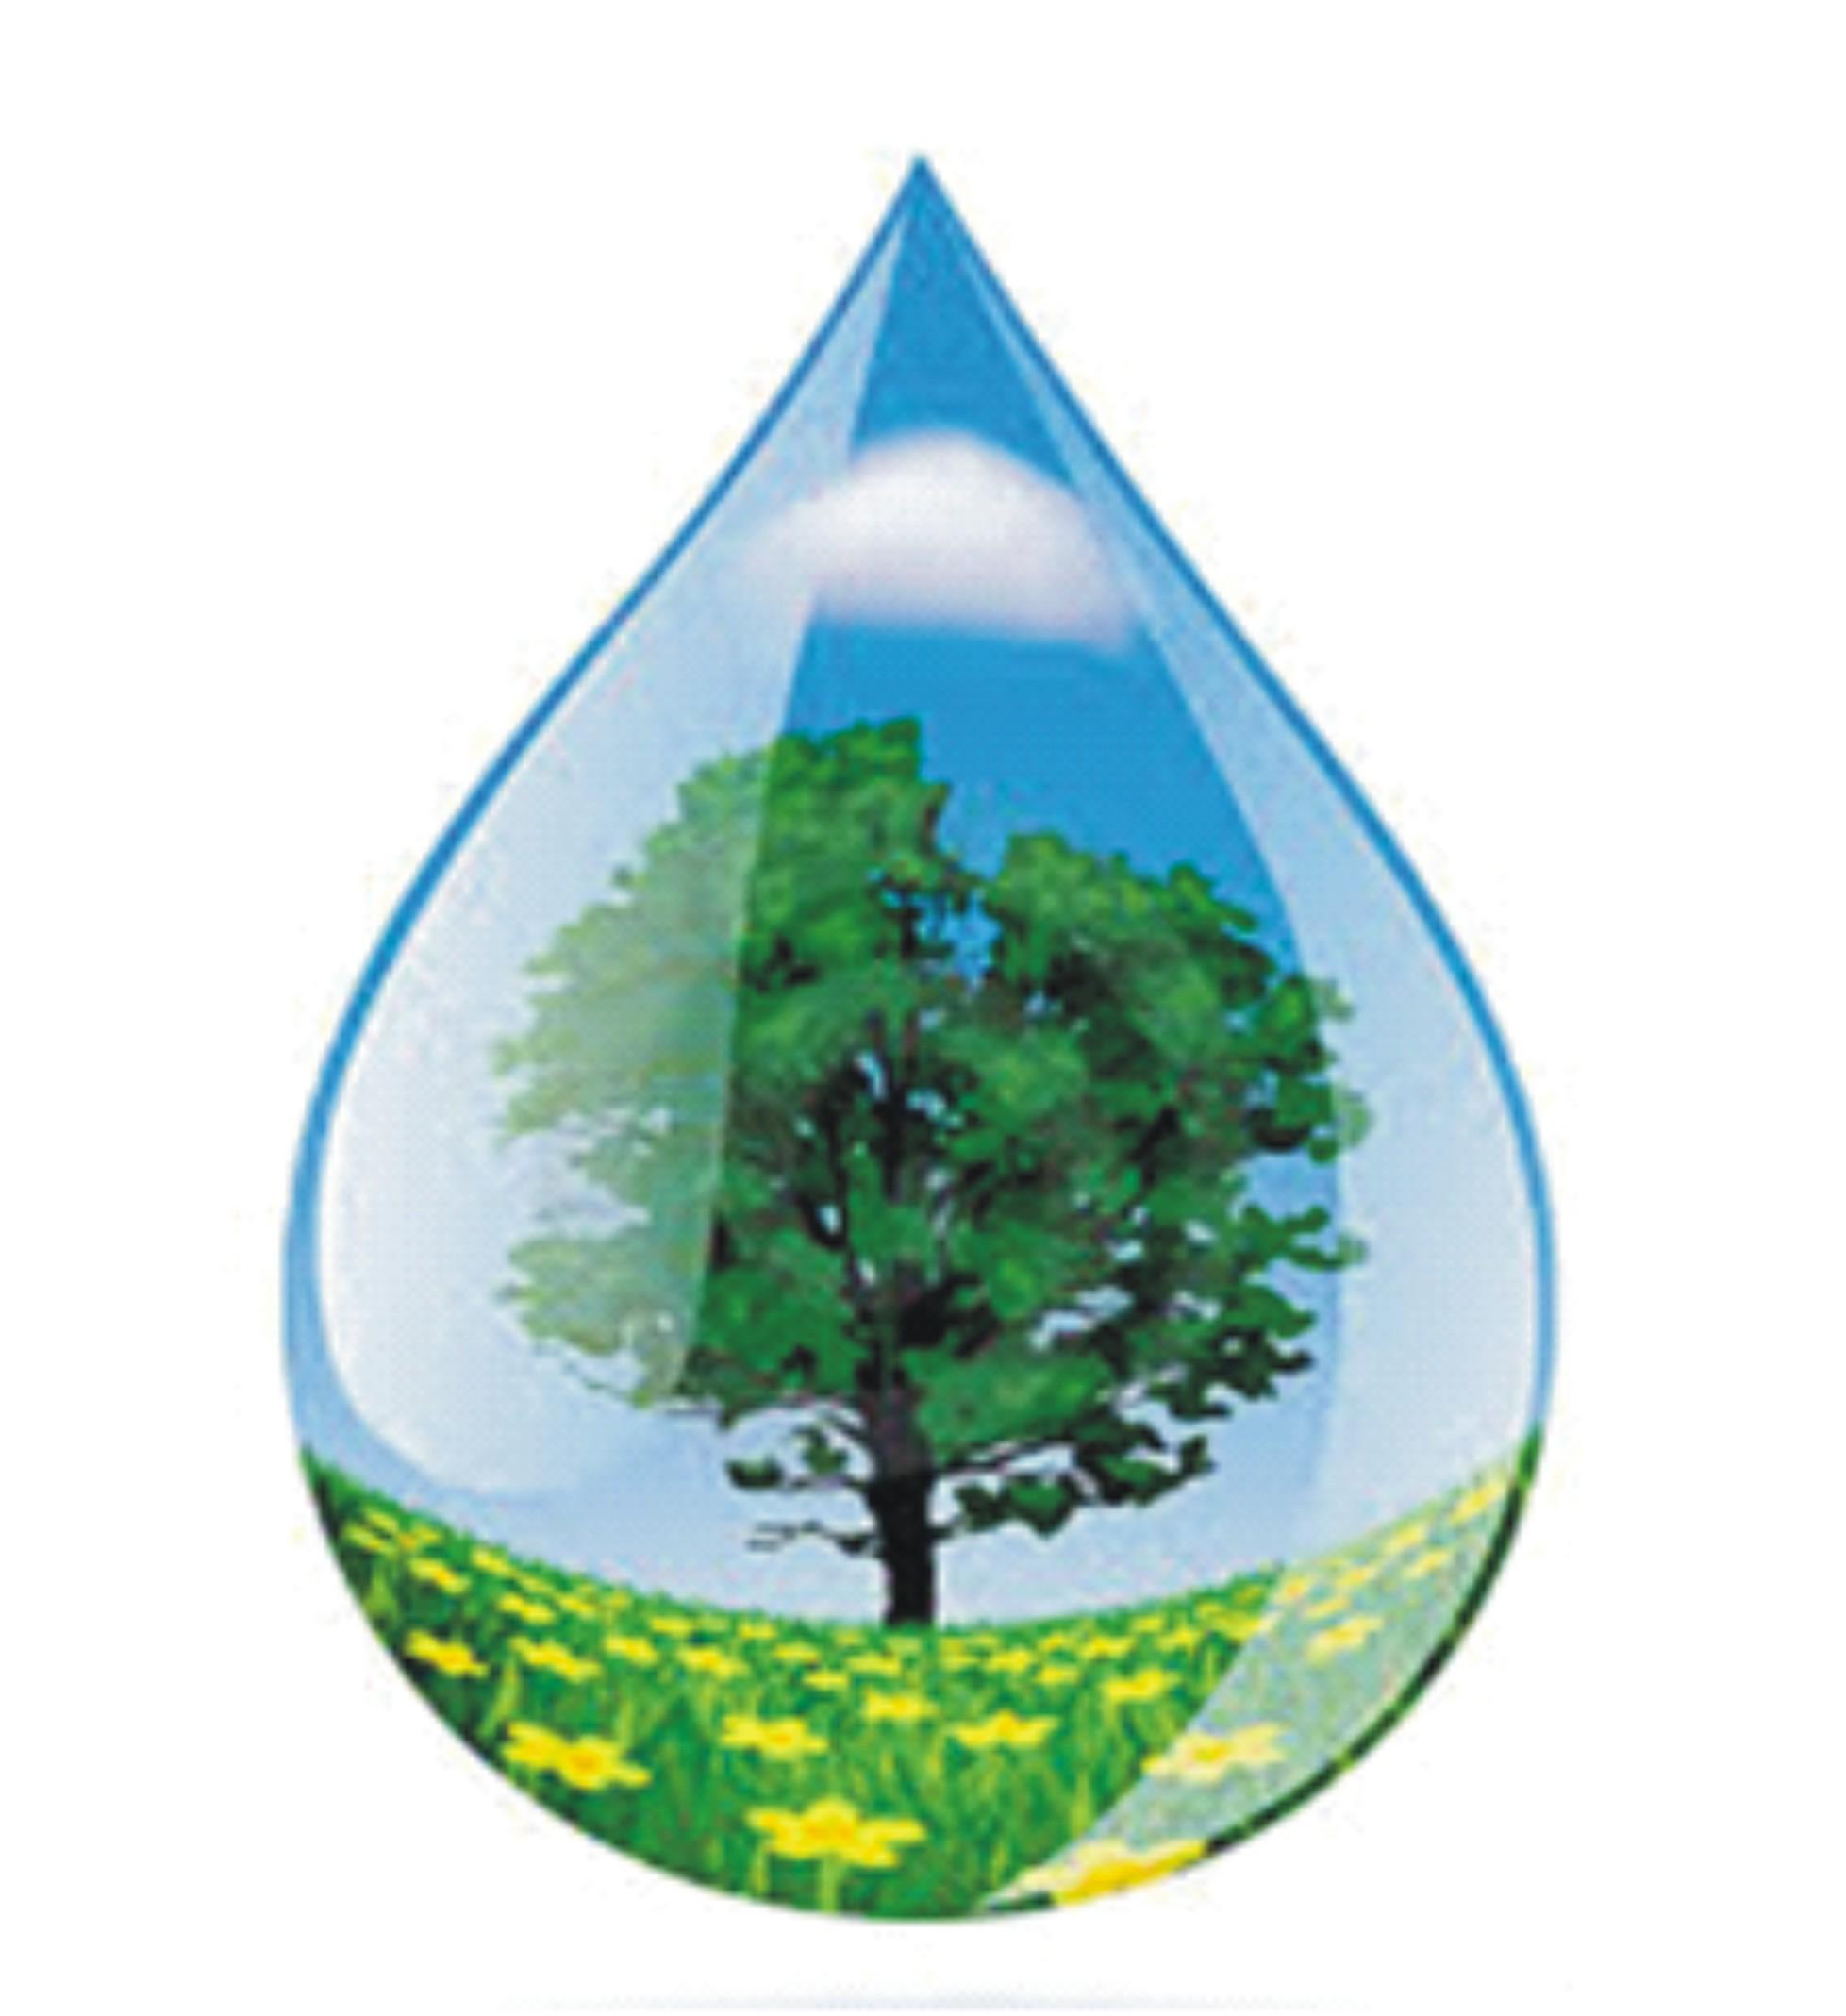 Secretarias de meio ambiente e educa o de lorena for Mural sobre o meio ambiente